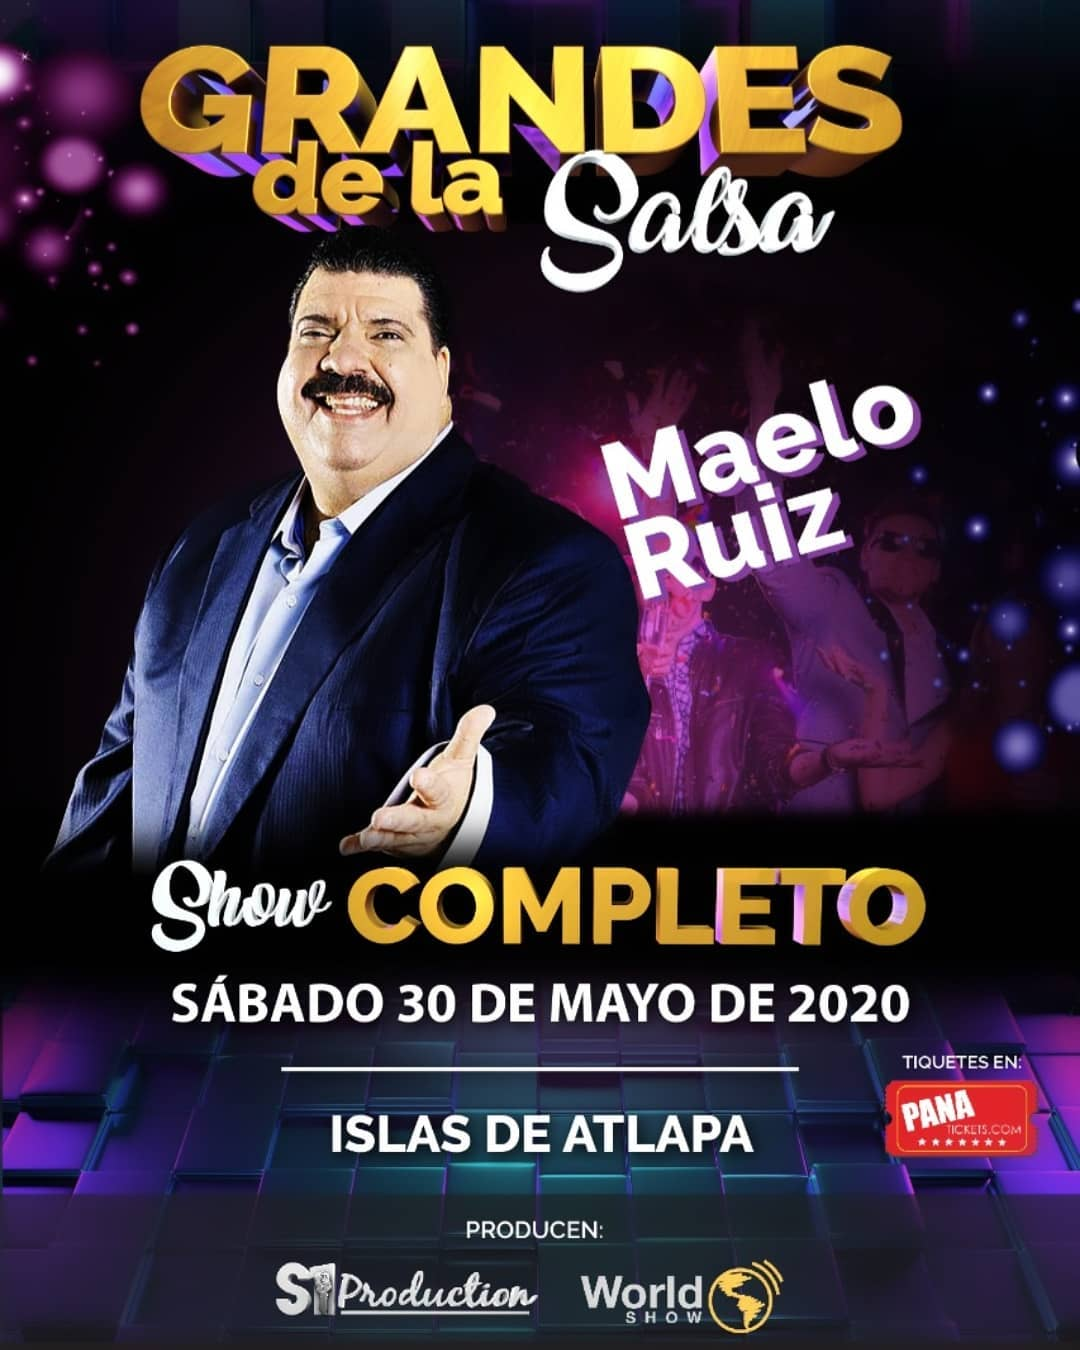 """Photo of Concierto de los """"Grandes de la Salsa"""" en Centro de Convenciones Atlapa"""